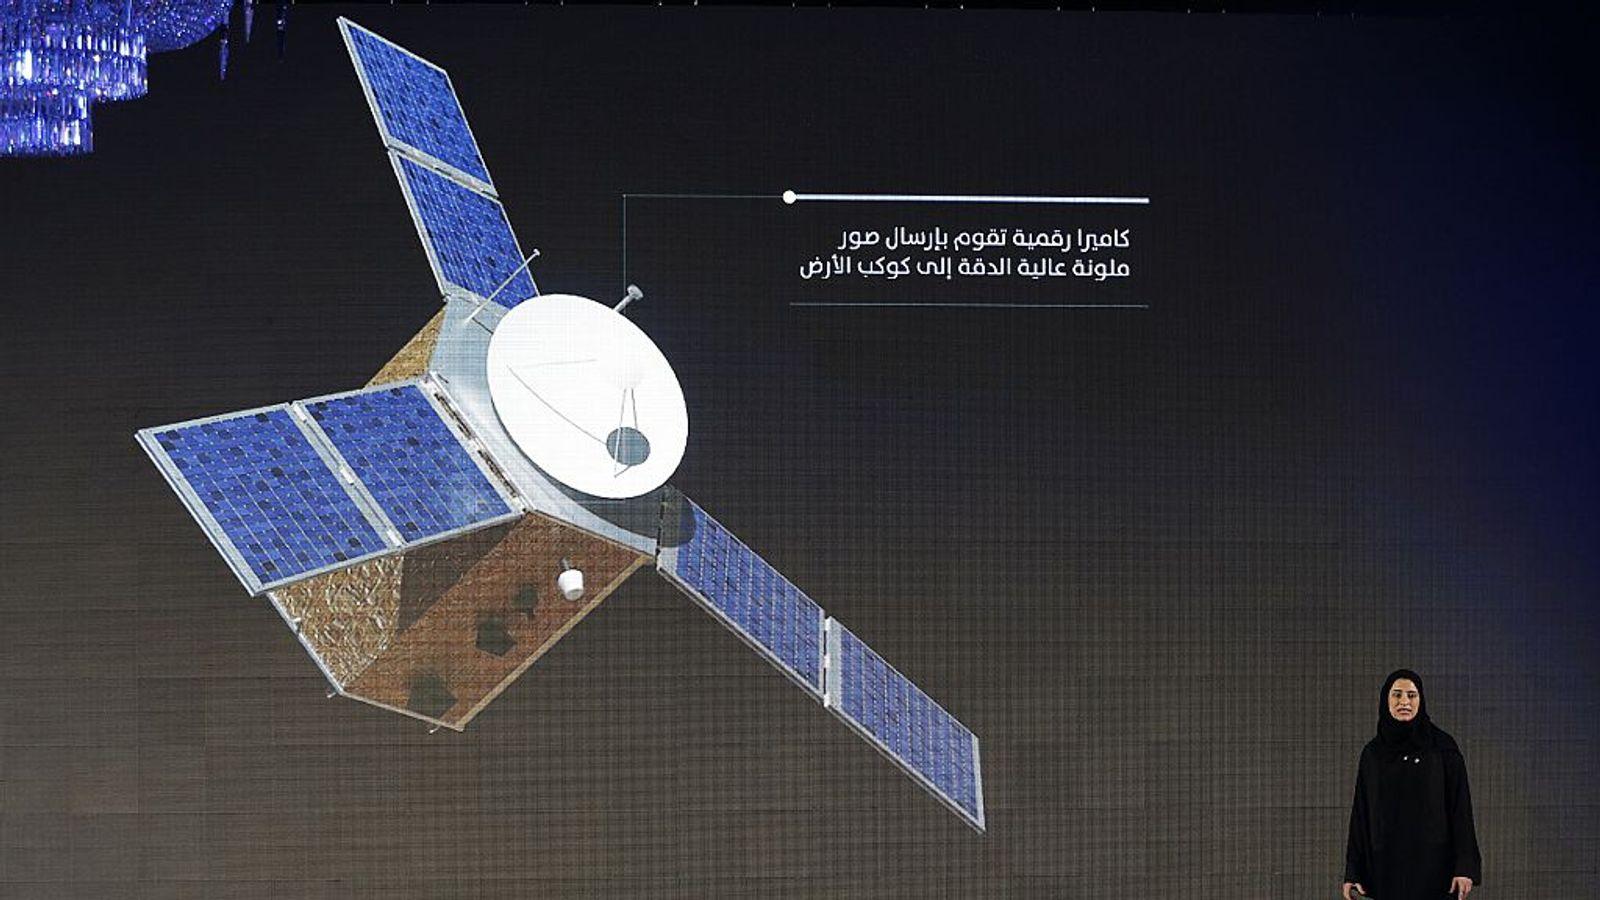 skynews-uae-amal-space-mars_5038242.jpg?